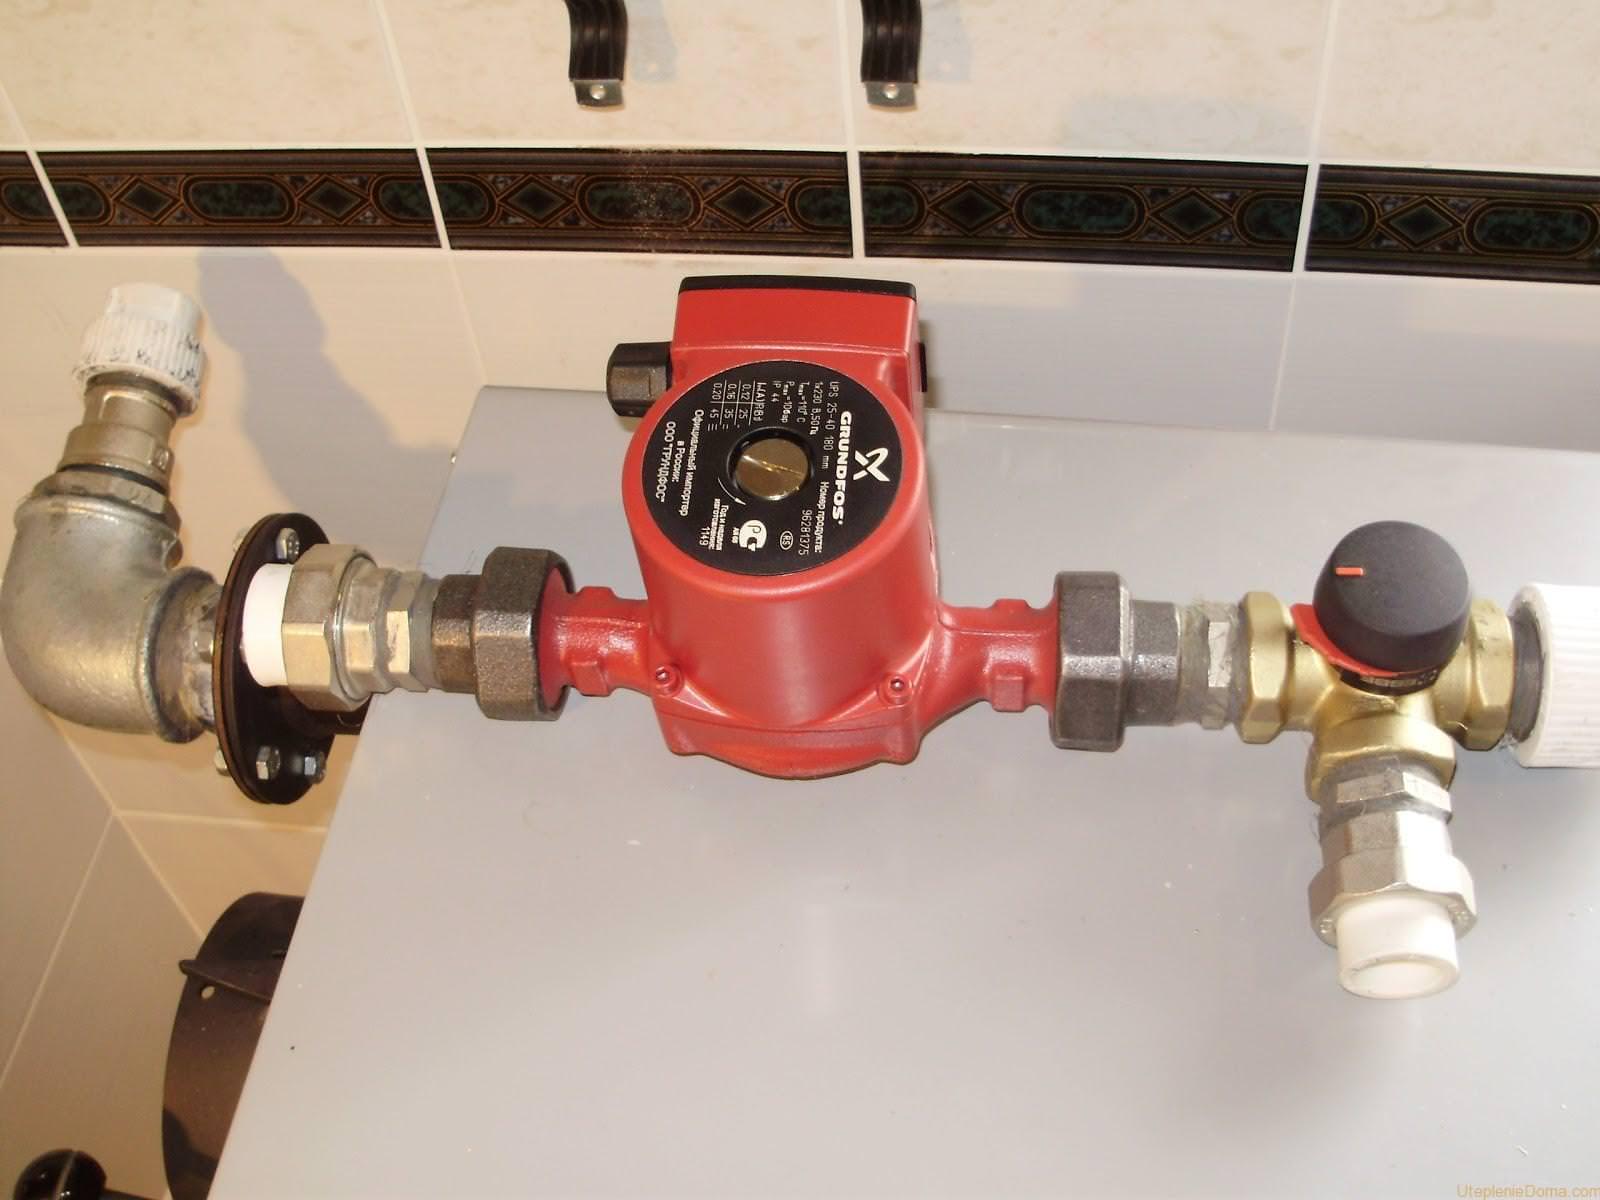 Установка насоса в системе отопления, как правильно 37